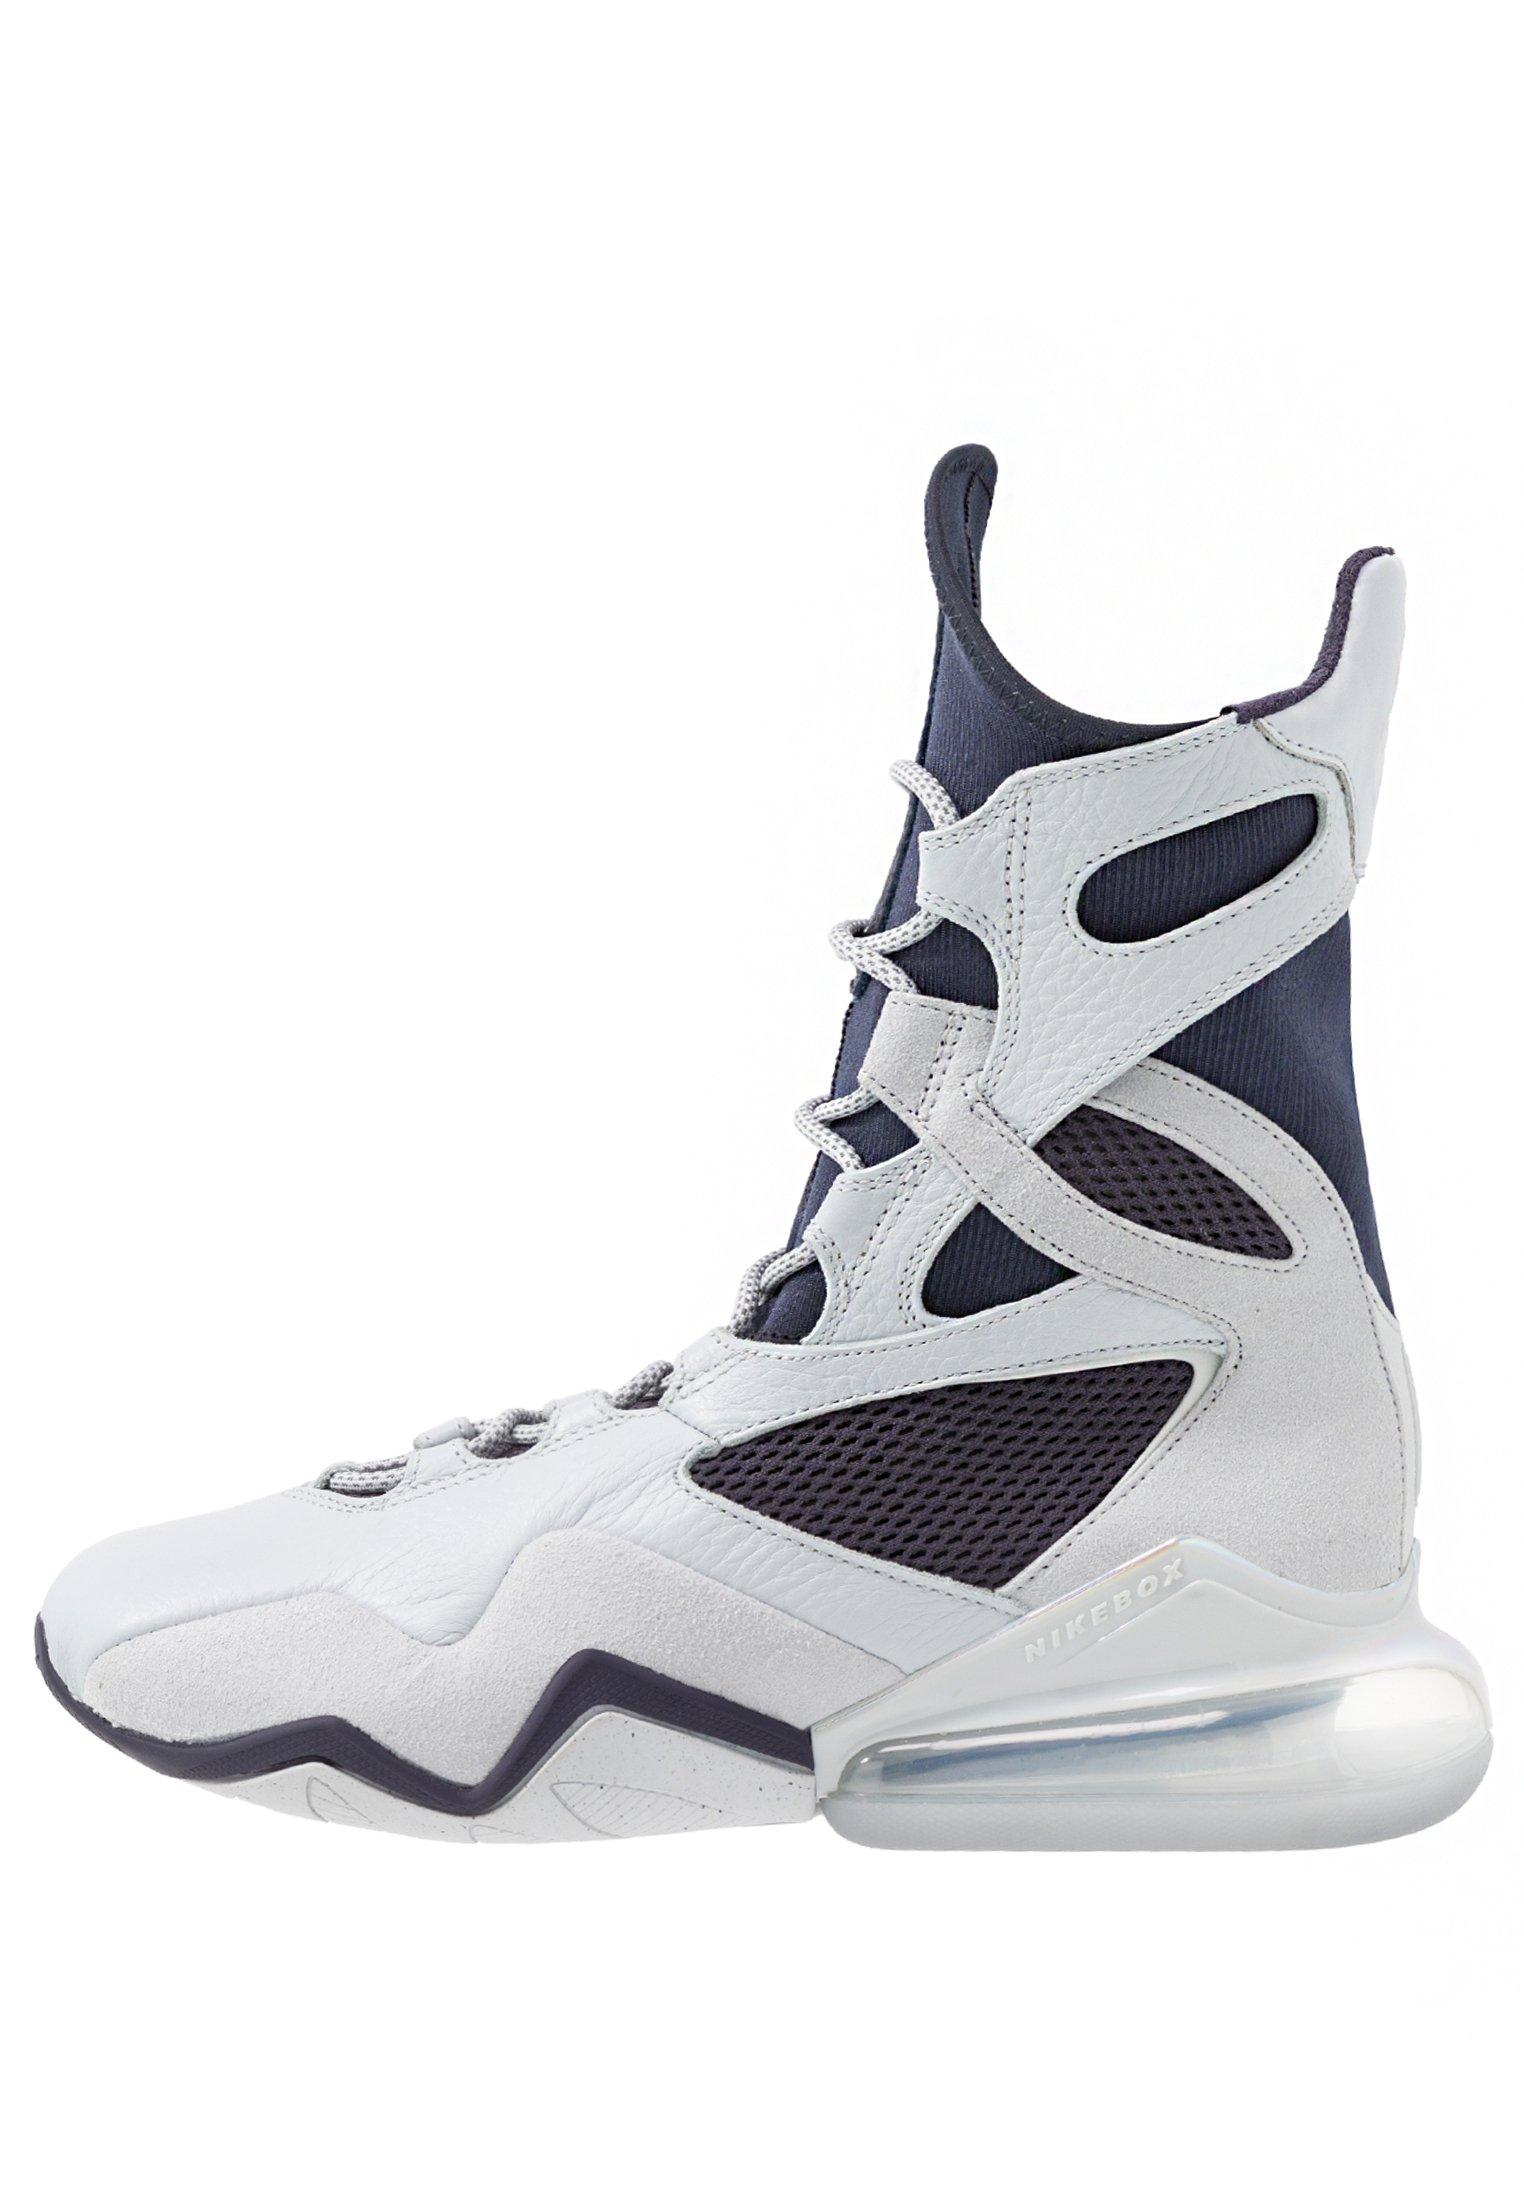 AIR MAX BOX Chaussures d'entraînement et de fitness pure platinumgridiron